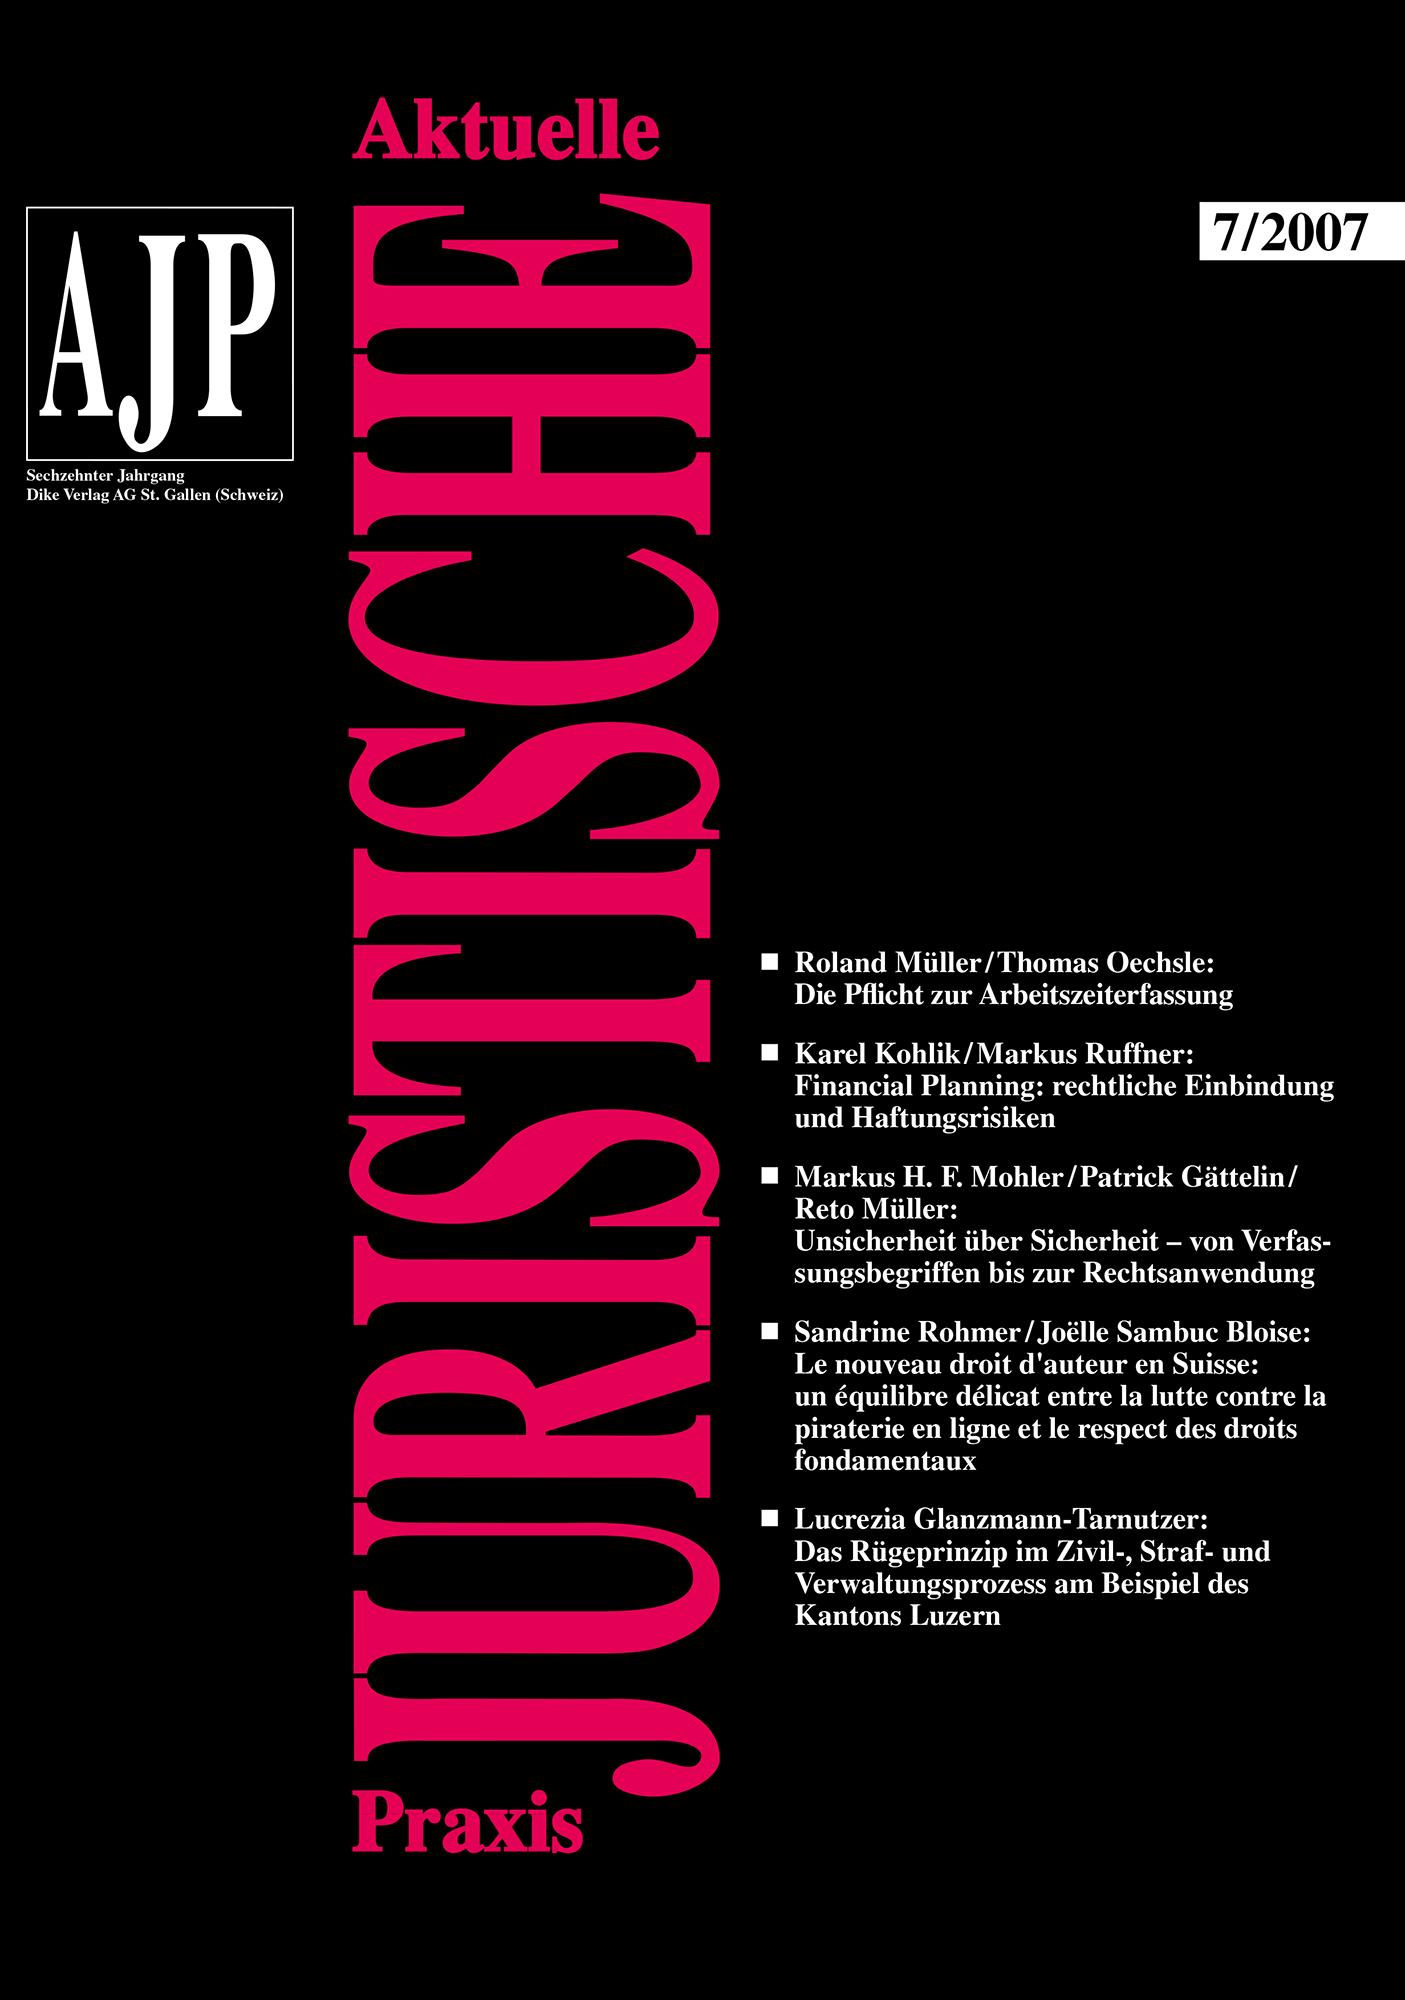 AJP/PJA 07/2007